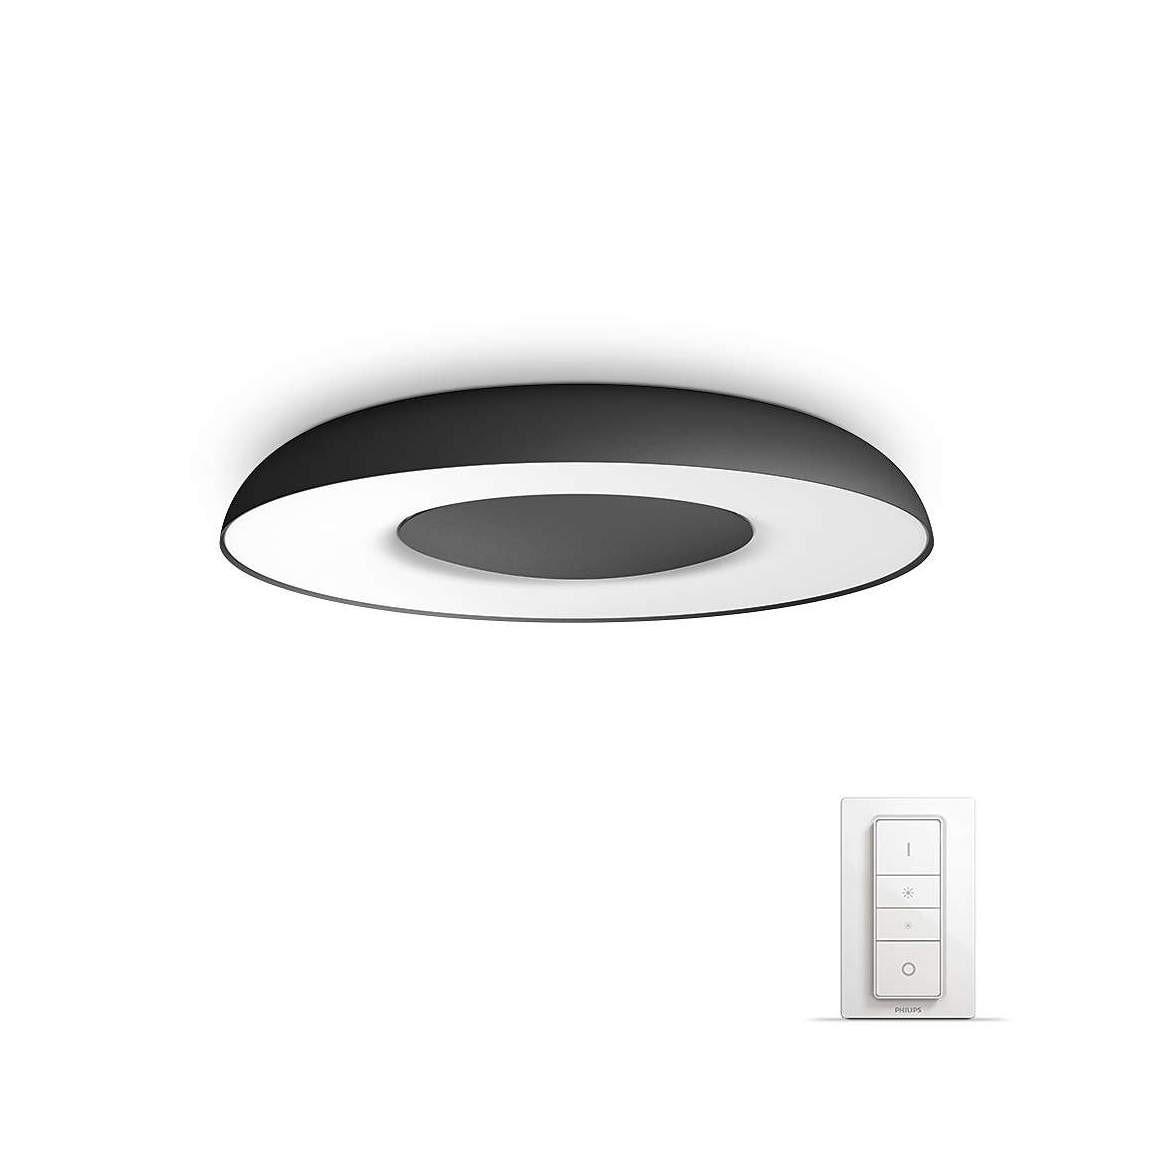 Philips Hue Still LED Deckenleuchte 2400lm & Dimmschalter - Schwarz